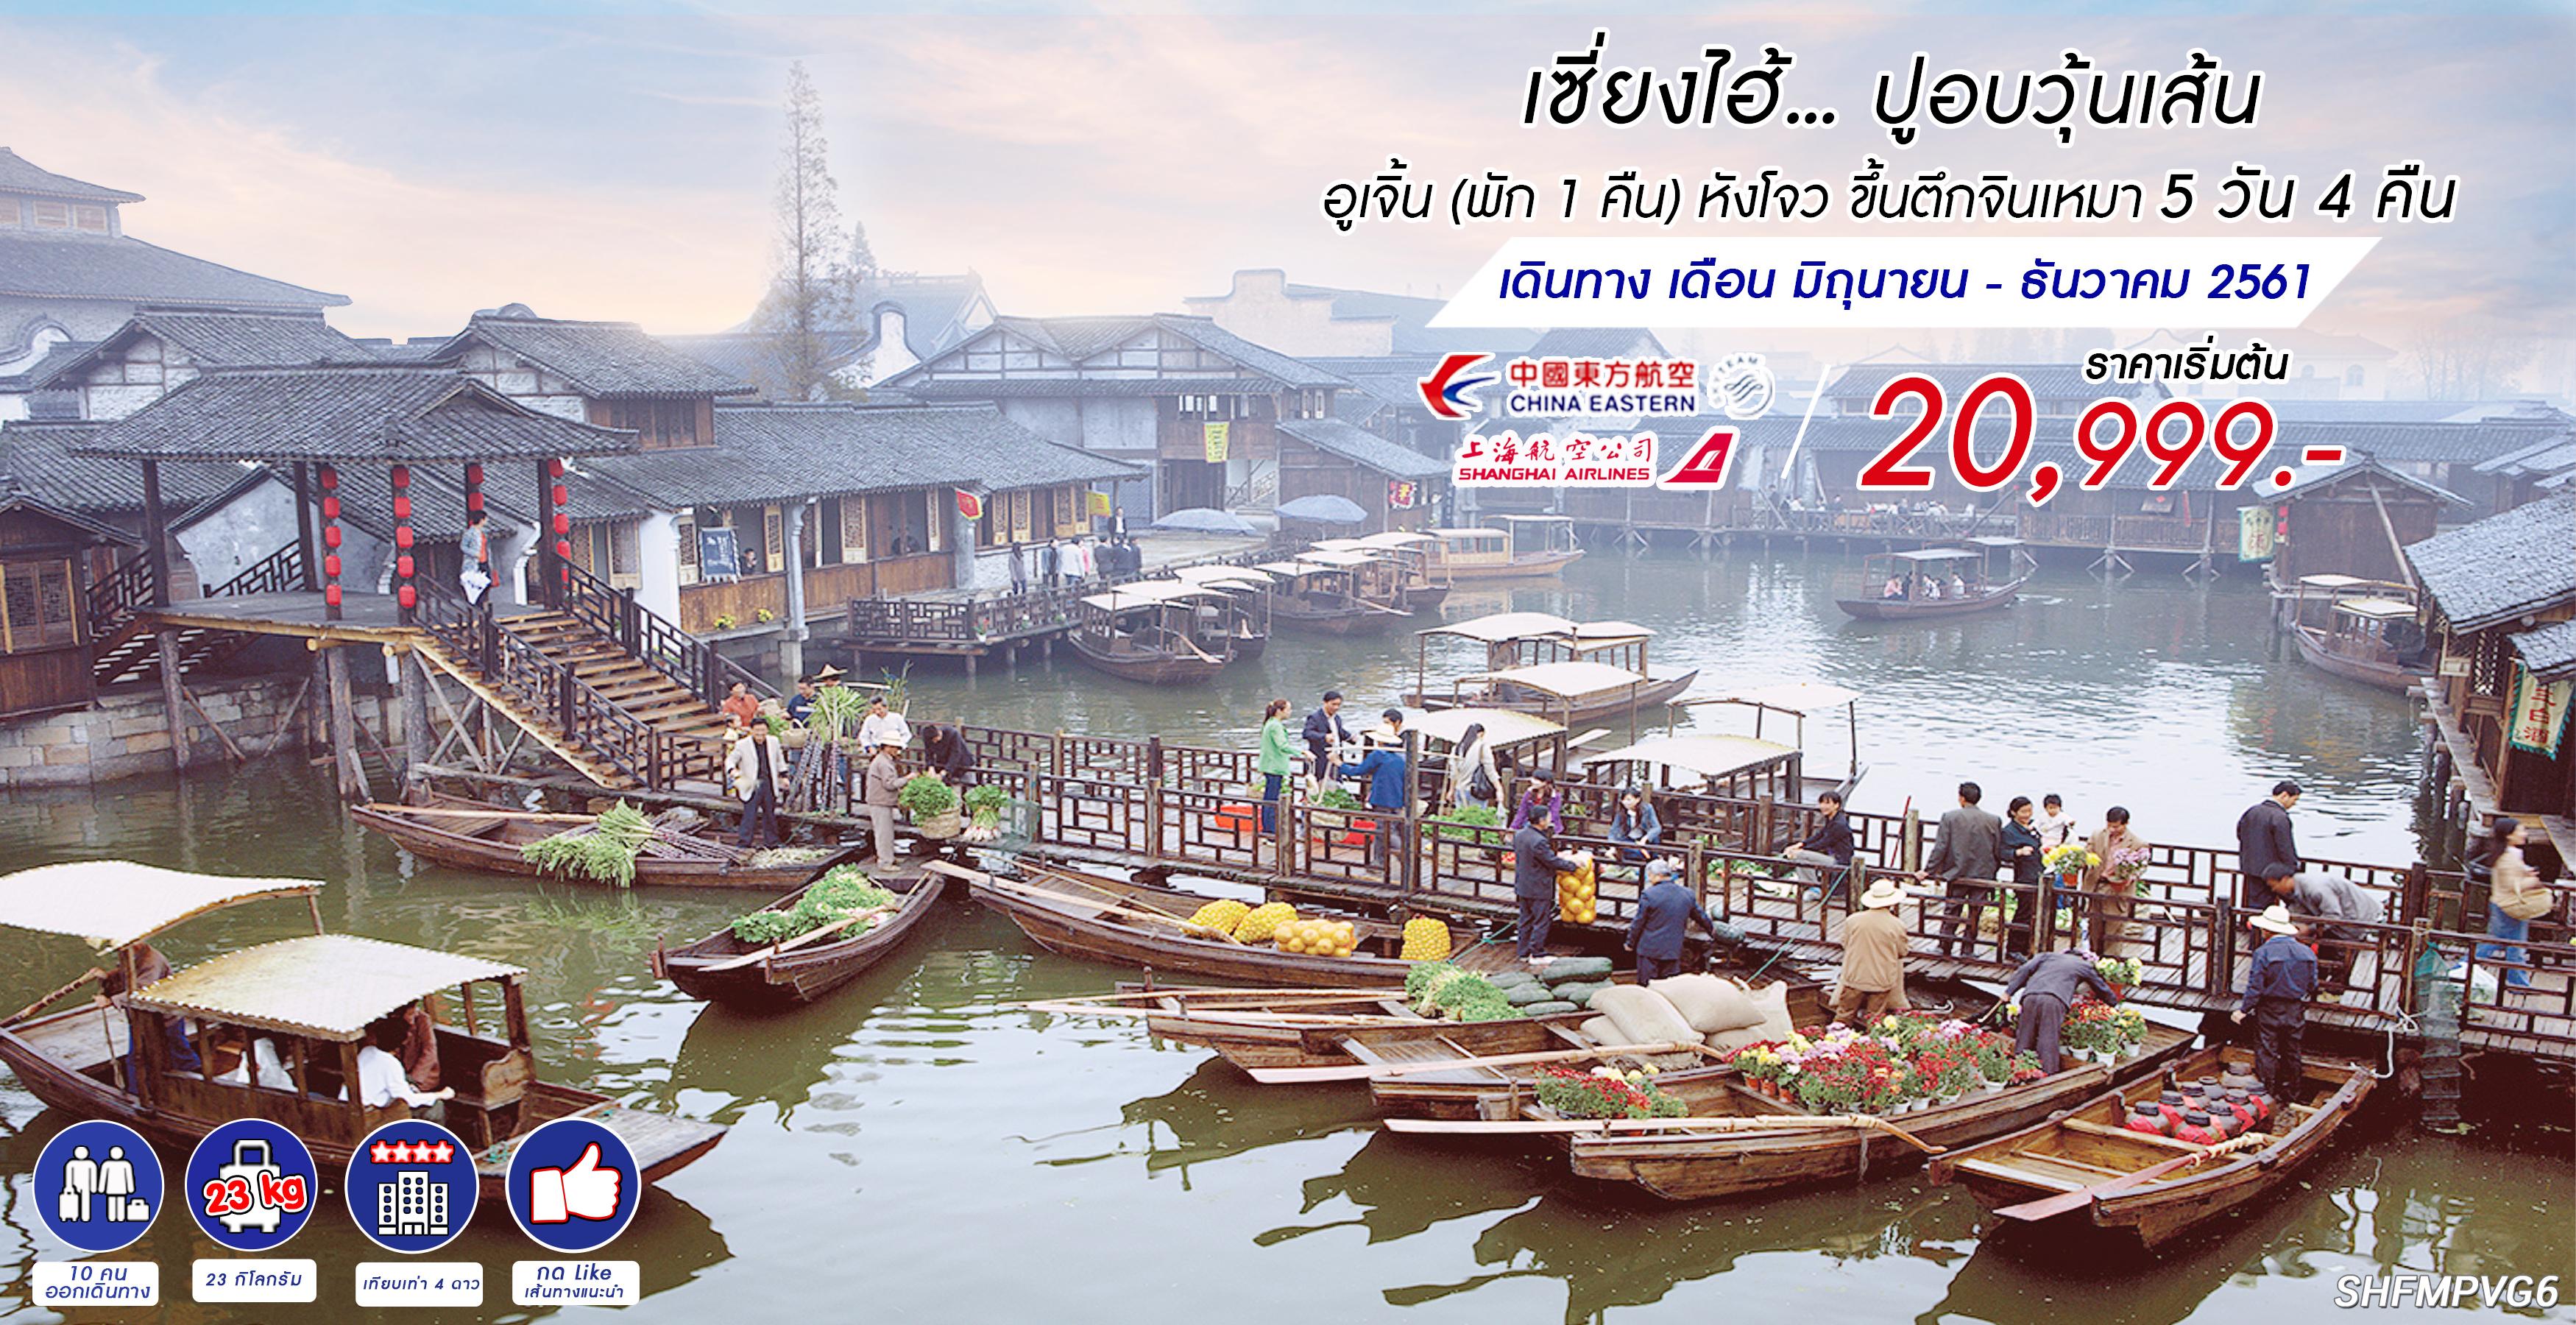 เมืองโบราณอูเจิ้น หังโจว เซี่ยงไฮ้ ขึ้นตึกจินเหมา 5 วัน4 คืน (FM-MU)